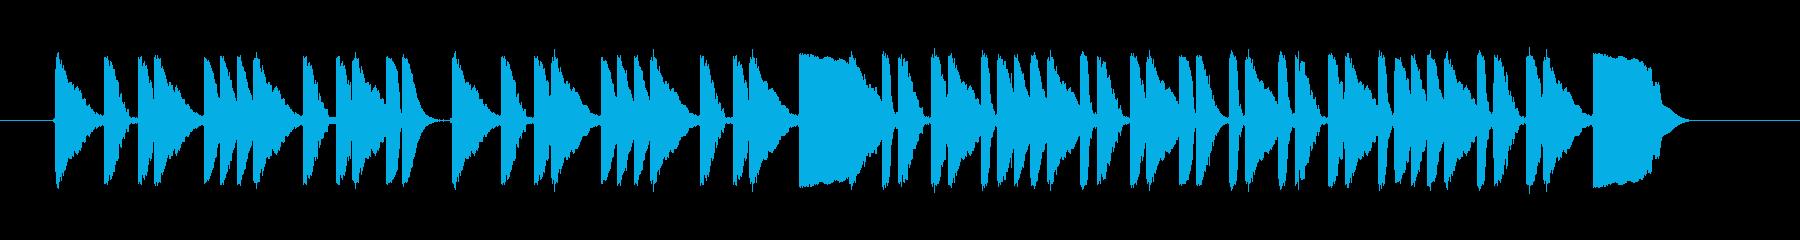 ドラムがコミカルなジングルの再生済みの波形